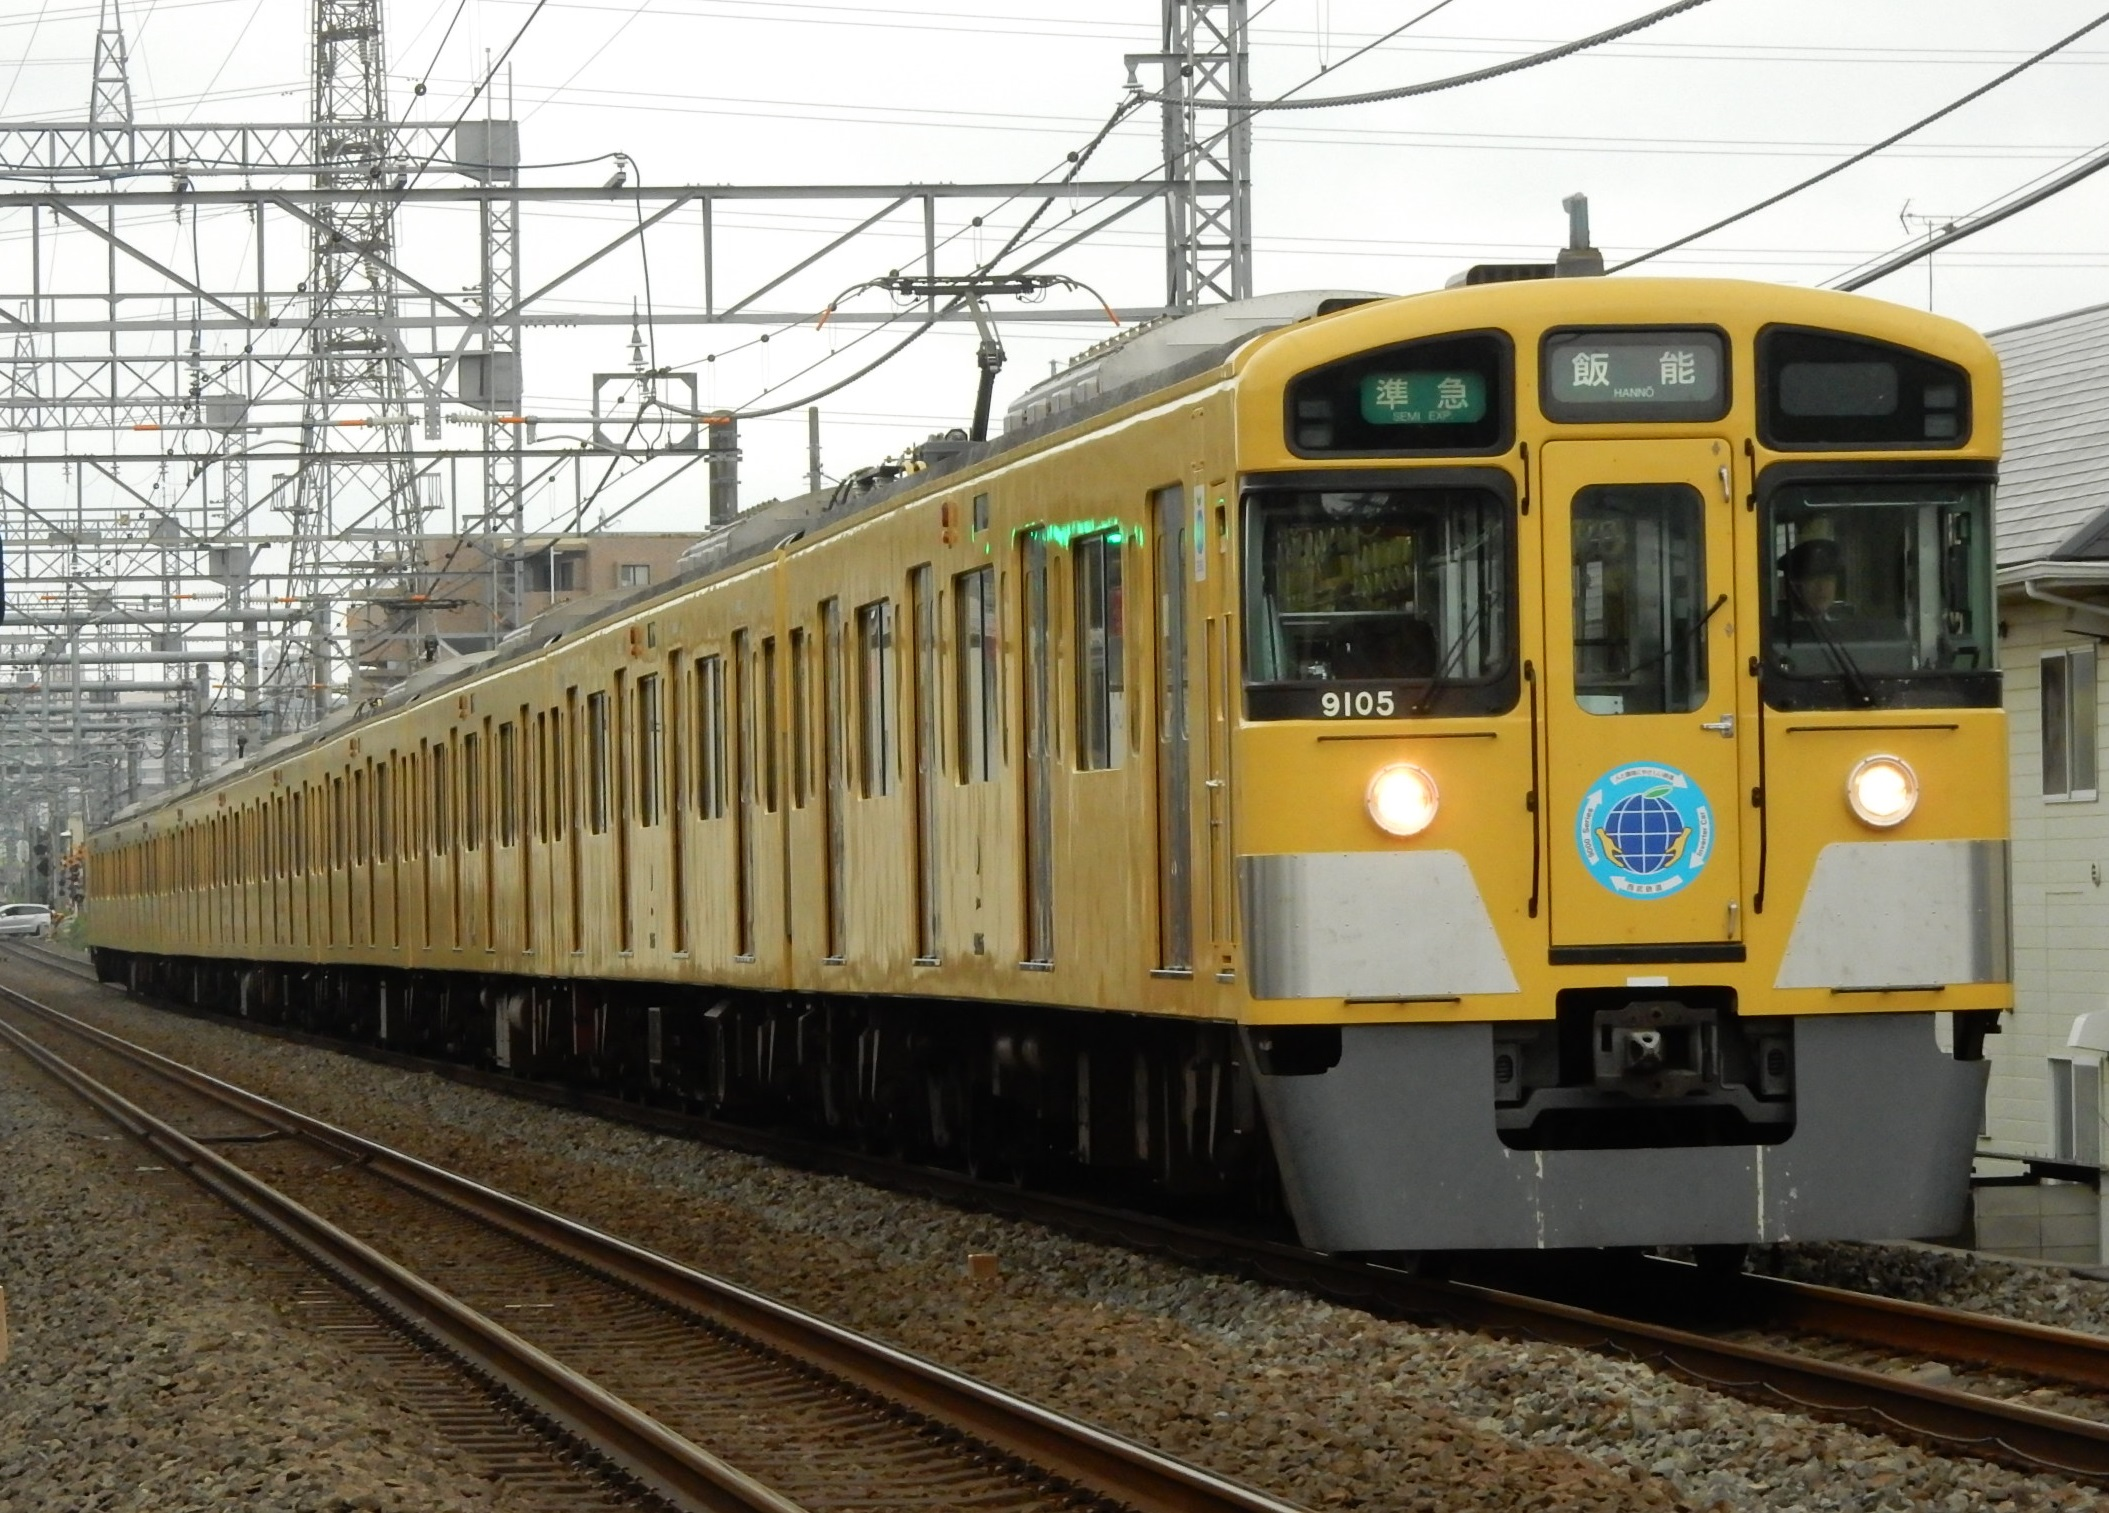 DSCN9648.jpg